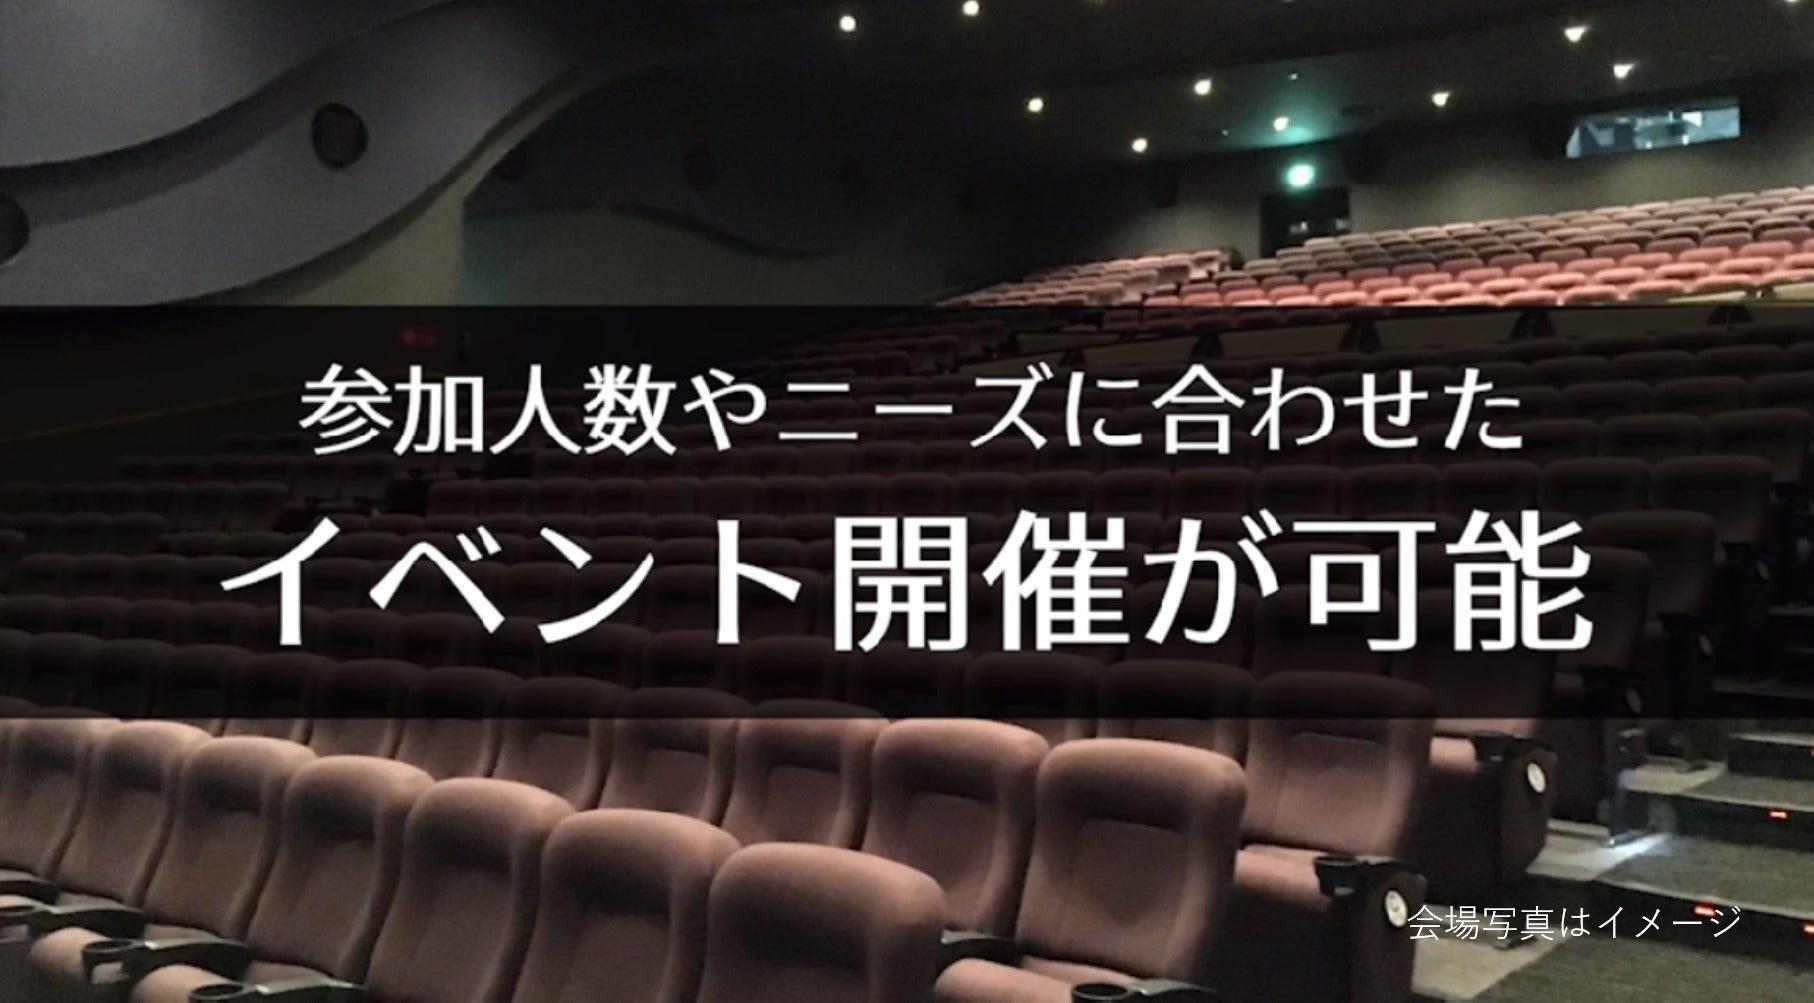 【前橋 162席】映画館で、会社説明会、株主総会、講演会の企画はいかがですか? の写真